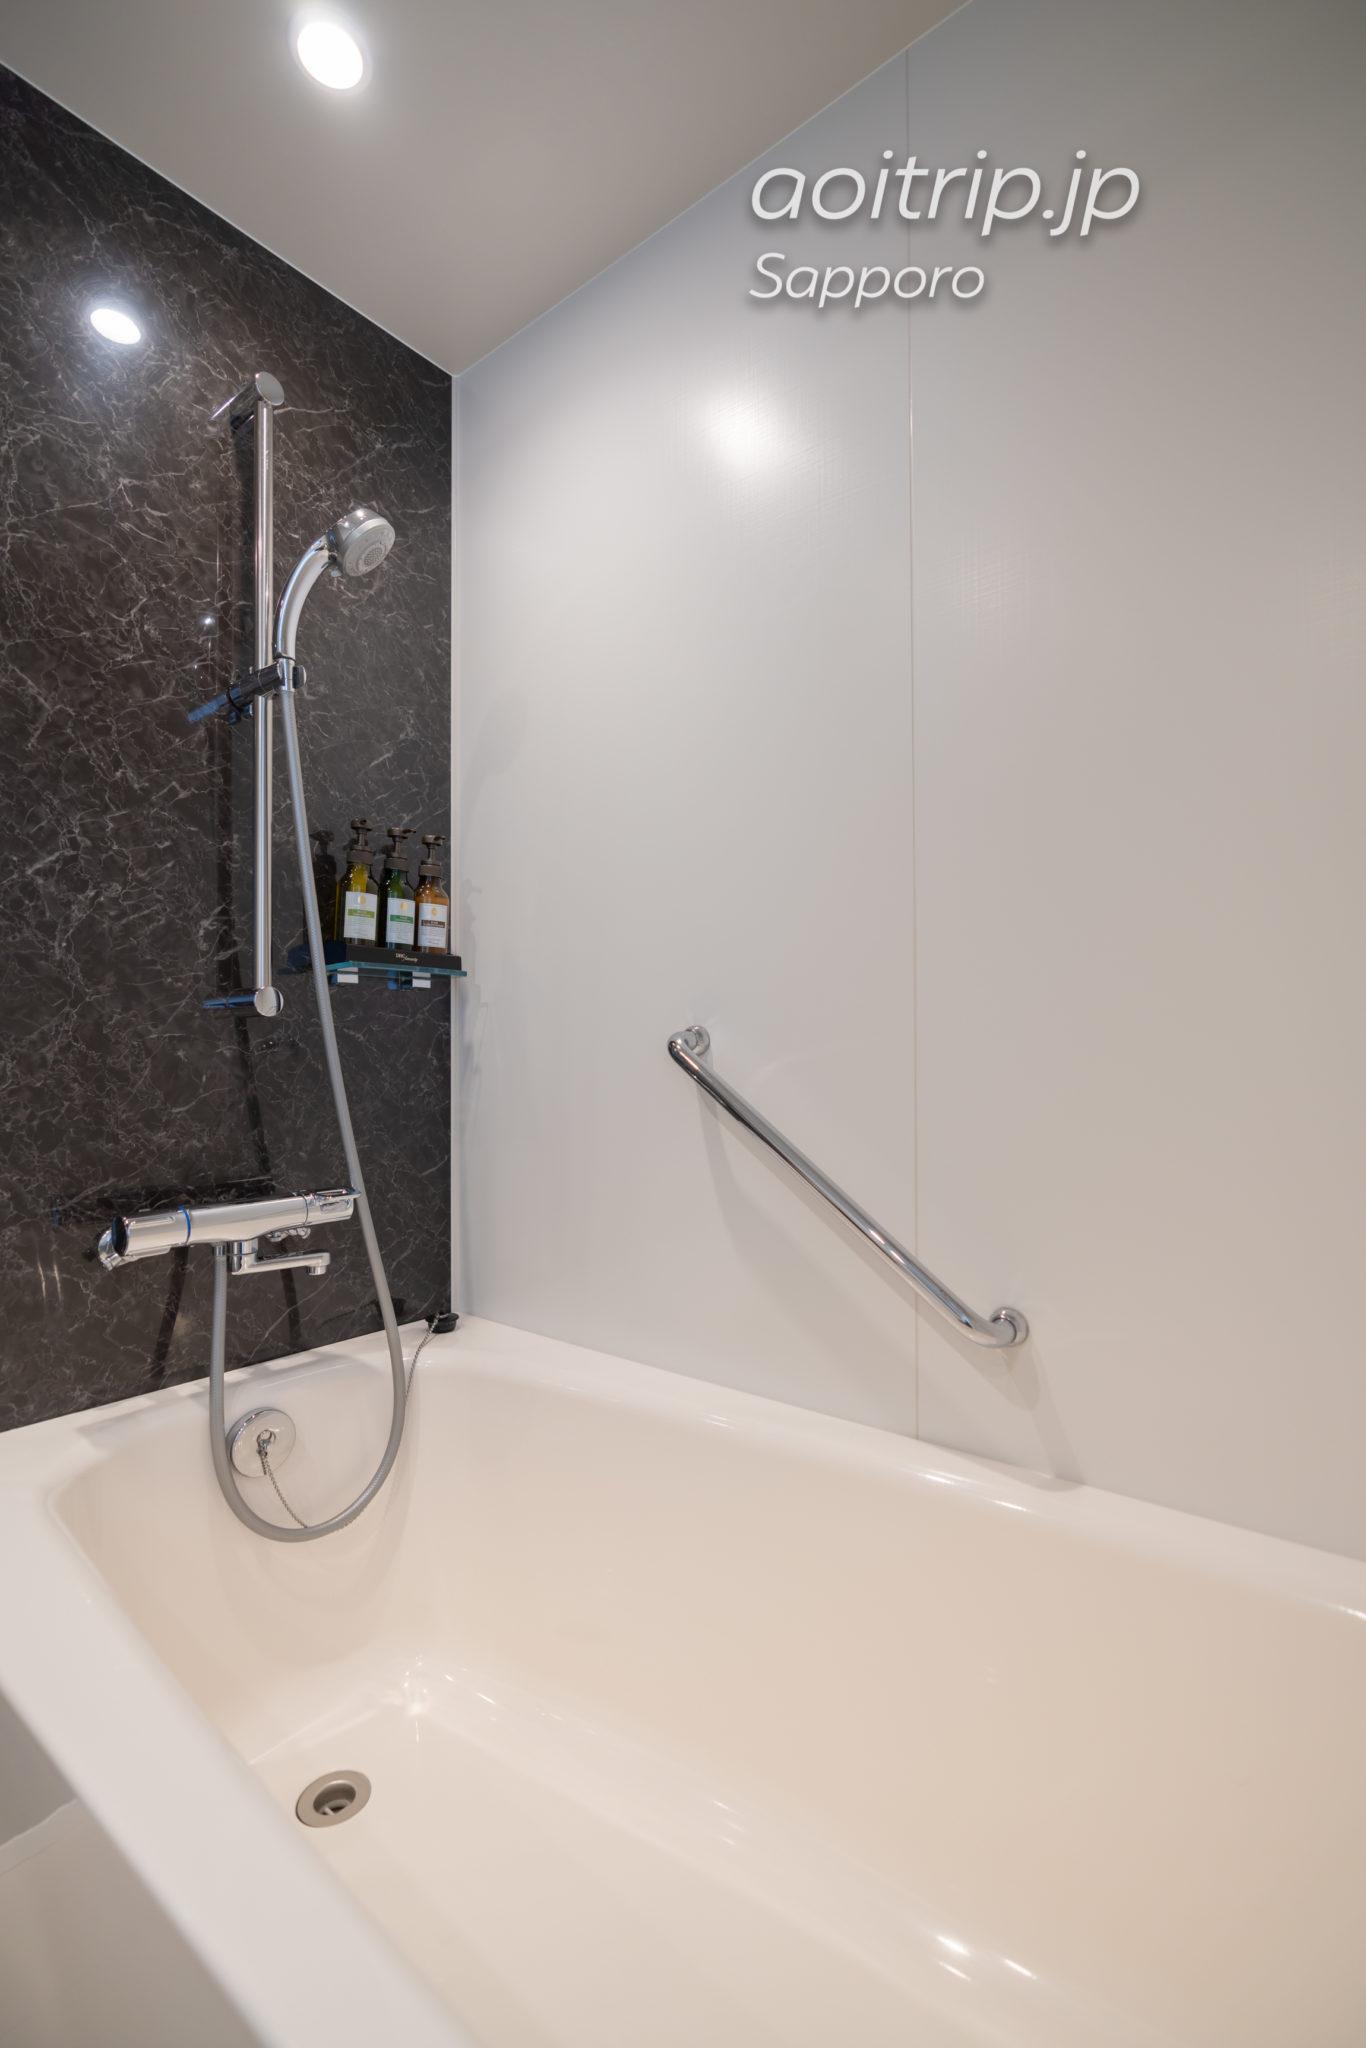 ANAクラウンプラザホテル札幌のバスルーム